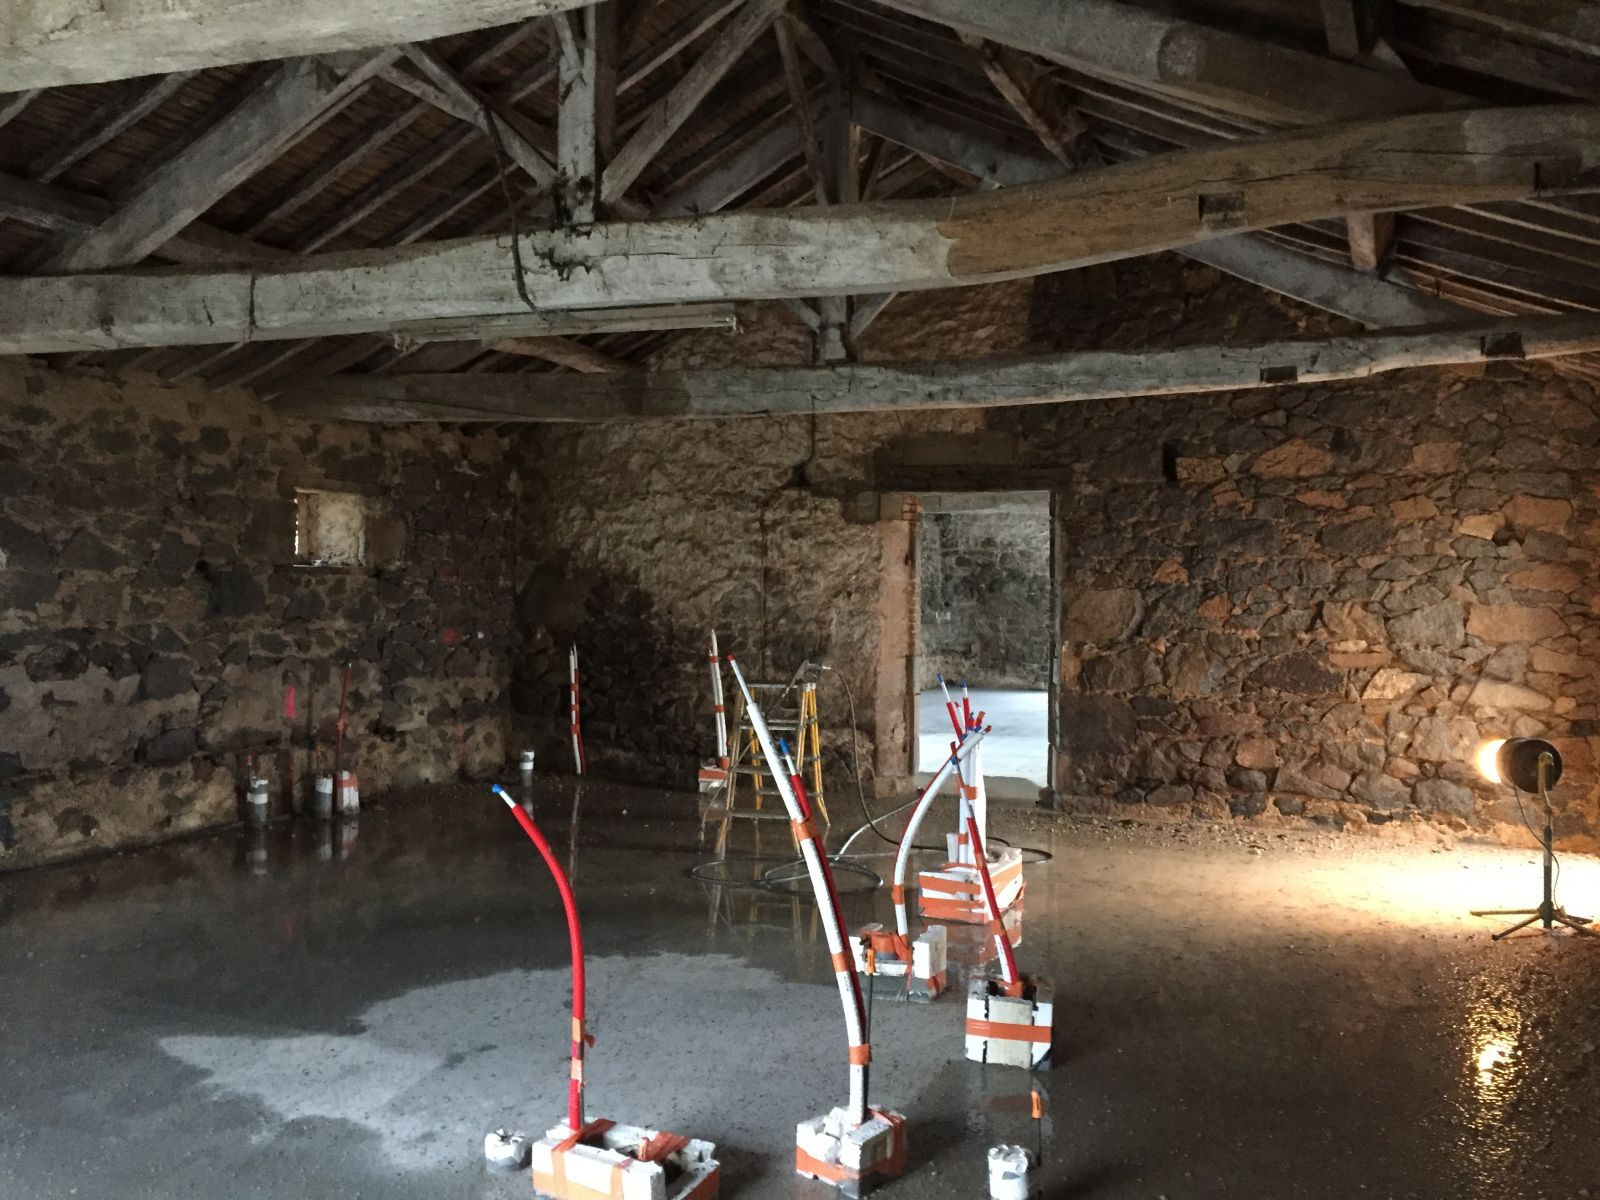 Sarl bossard renovation d 39 une grange en maison d 39 habitation - Rehabilitation d une grange en habitation ...